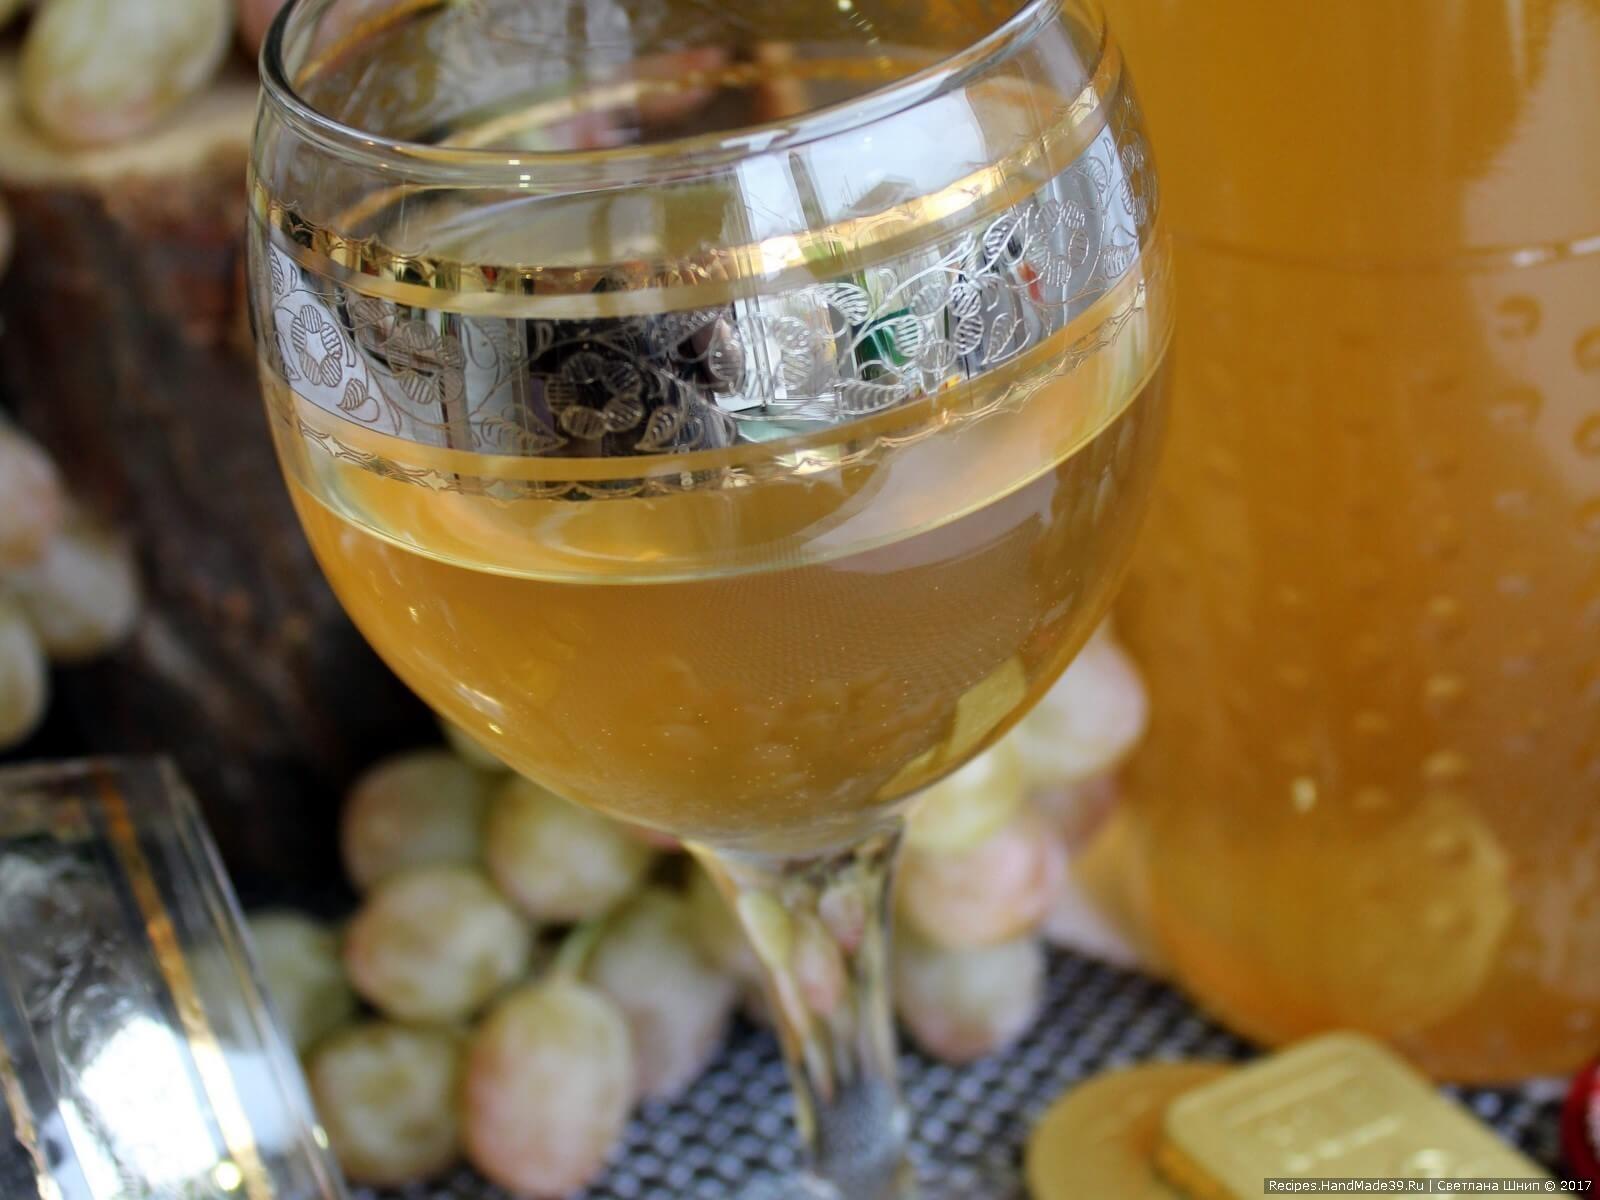 Домашнее вино из зелёного винограда – фото шаг 16. Вино заново отфильтровать при помощи резиновой трубки, разлить по бутылкам и поместить в подвал на длительное хранение